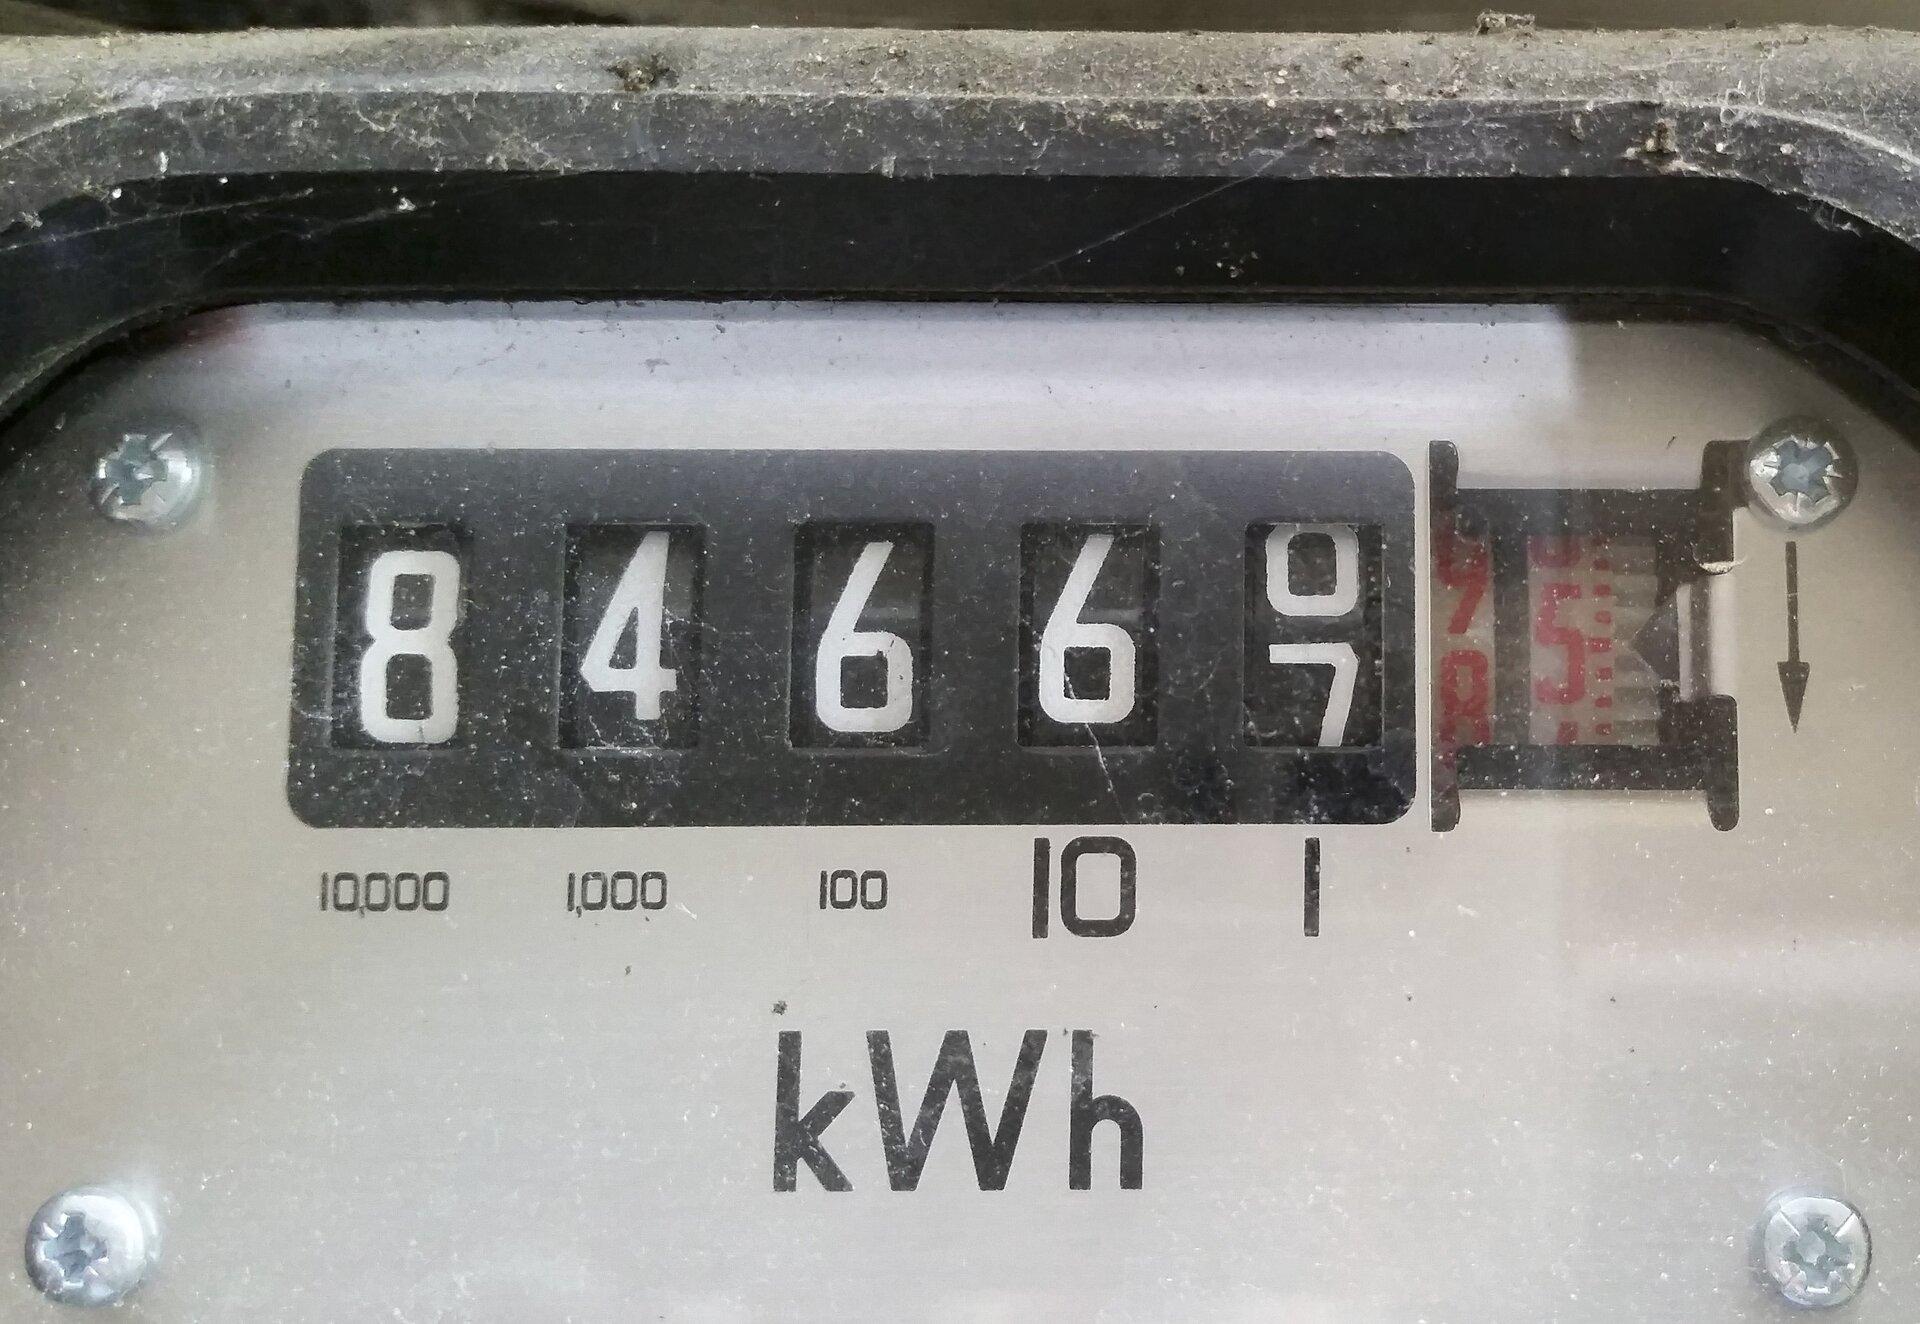 Zdjęcie przedstawia zbliżenie fragmentu przedniego panelu licznika energii elektrycznej, adokładniej tarczę licznika wskazującą wartość 84667,5 oraz symbol jednostki kWh poniżej.